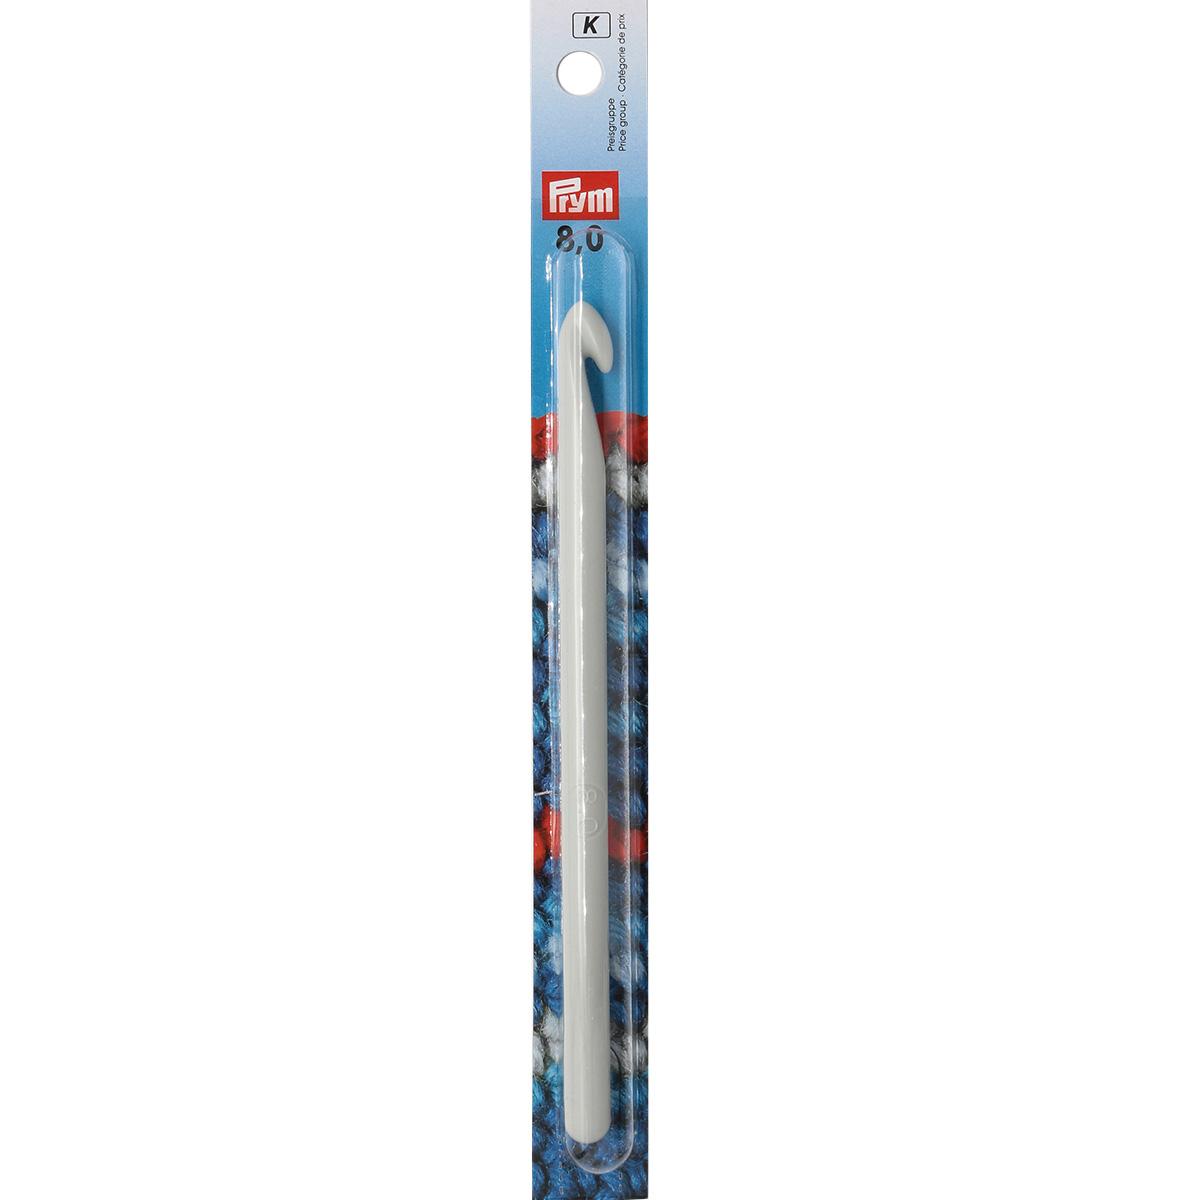 218501 Крючок для вязания, пластик, 8 мм*14 см, Prym